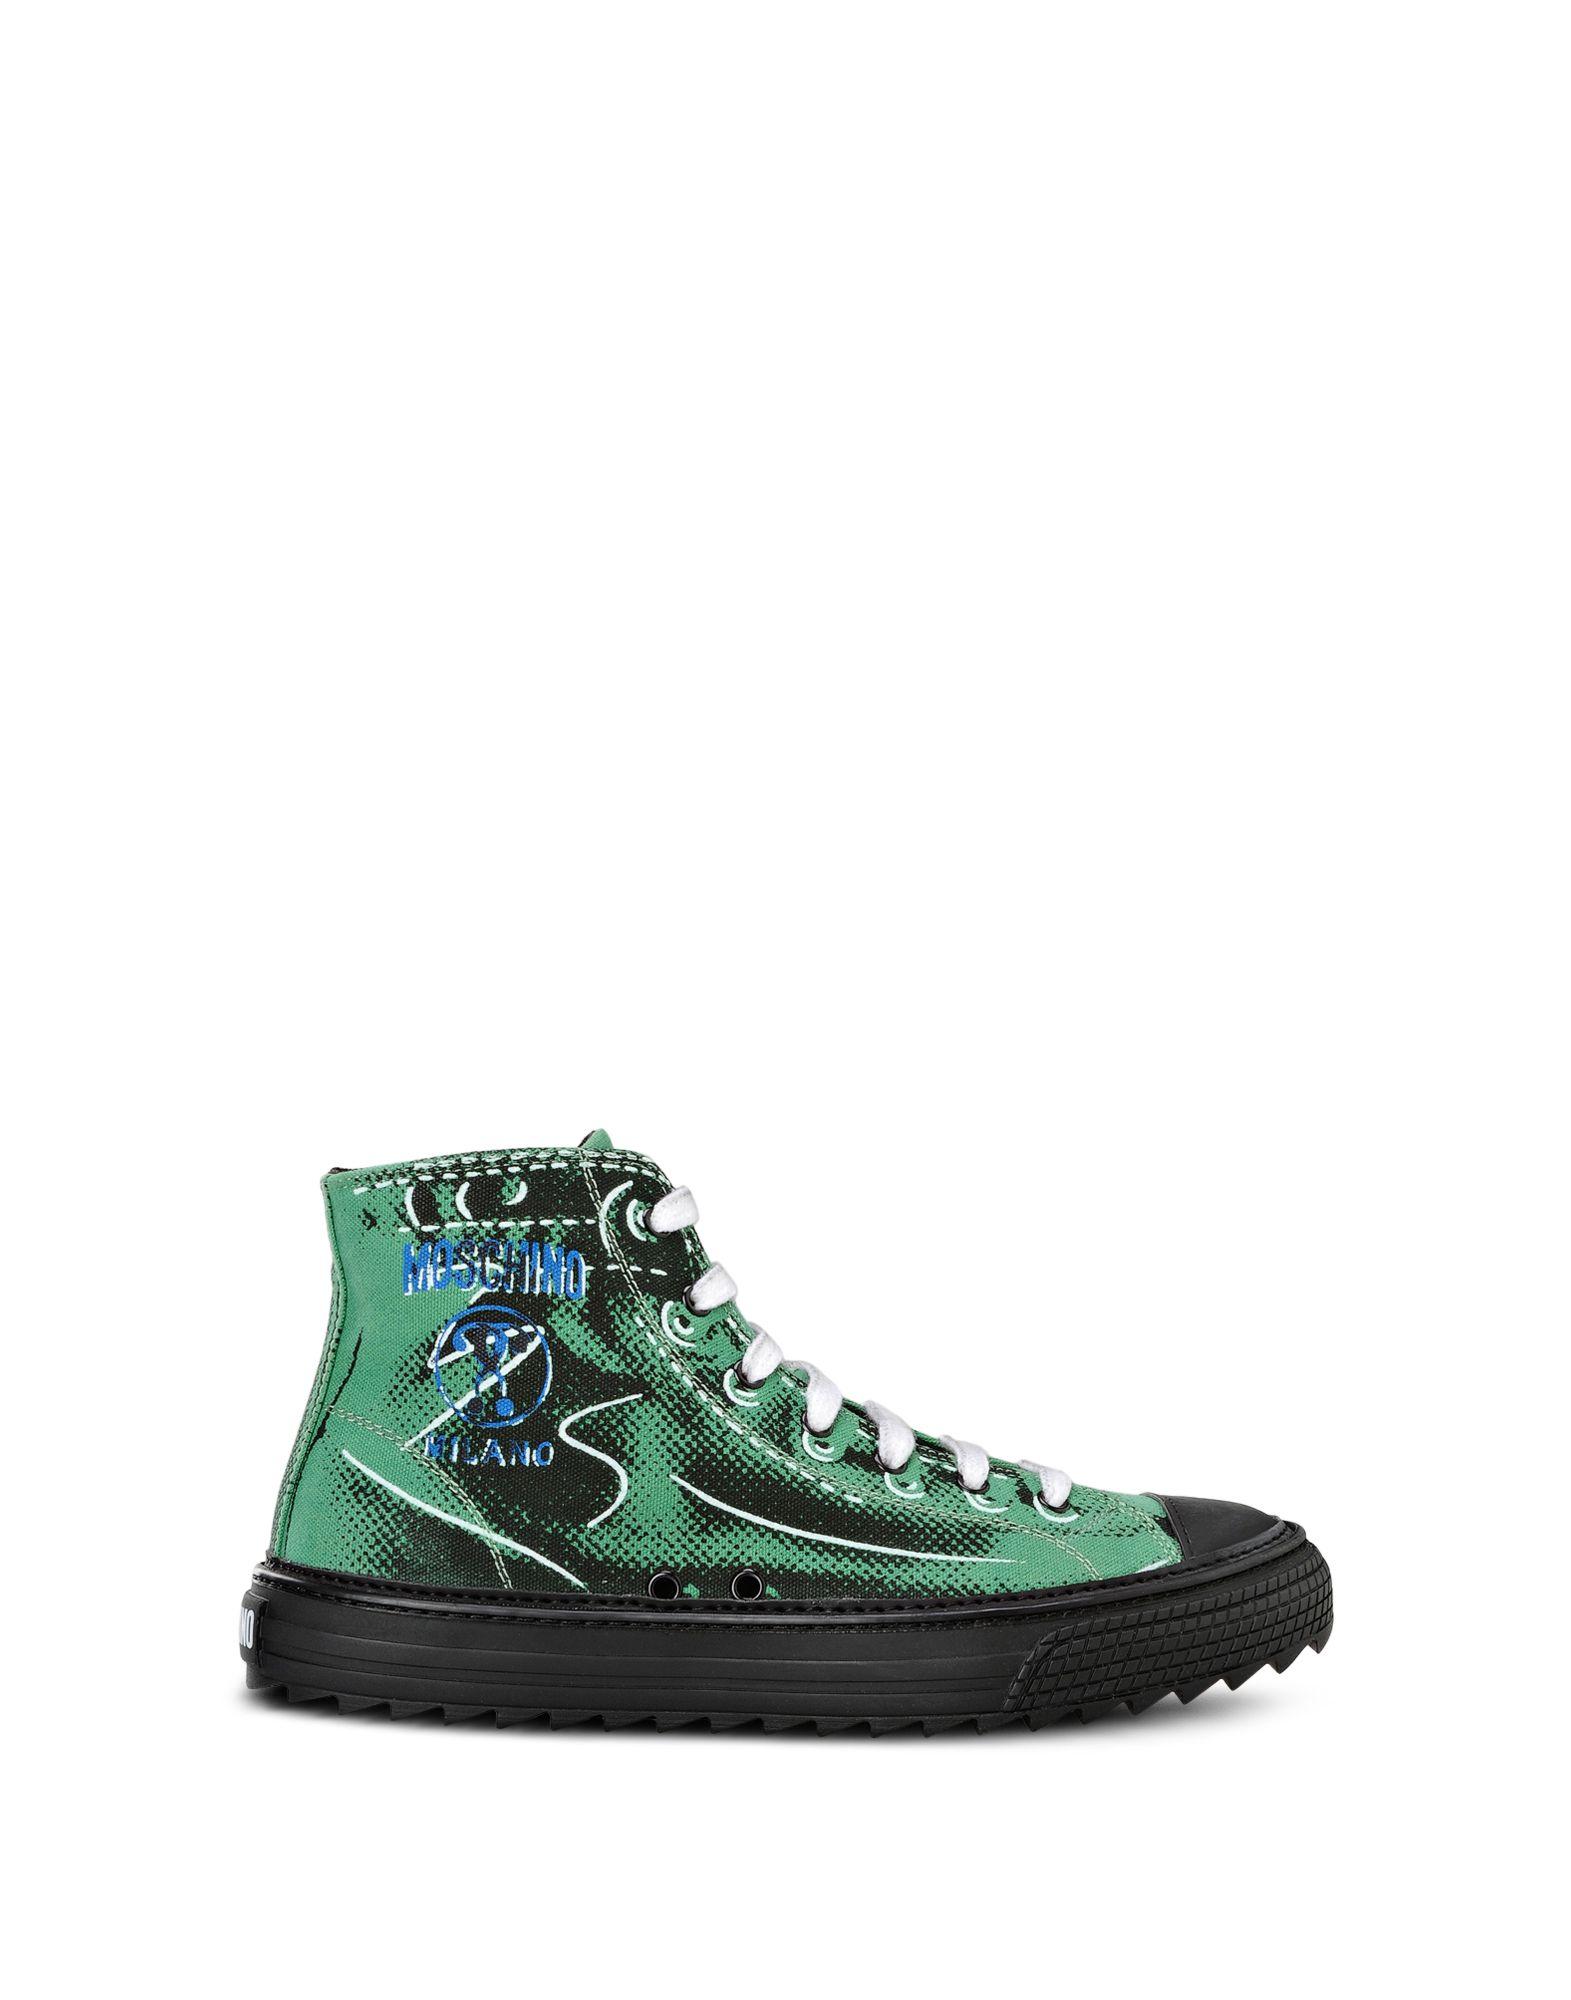 Scarpe economiche e resistenti Sneakers Uomo Moschino Uomo Sneakers - 11280591LW 7cb2d2